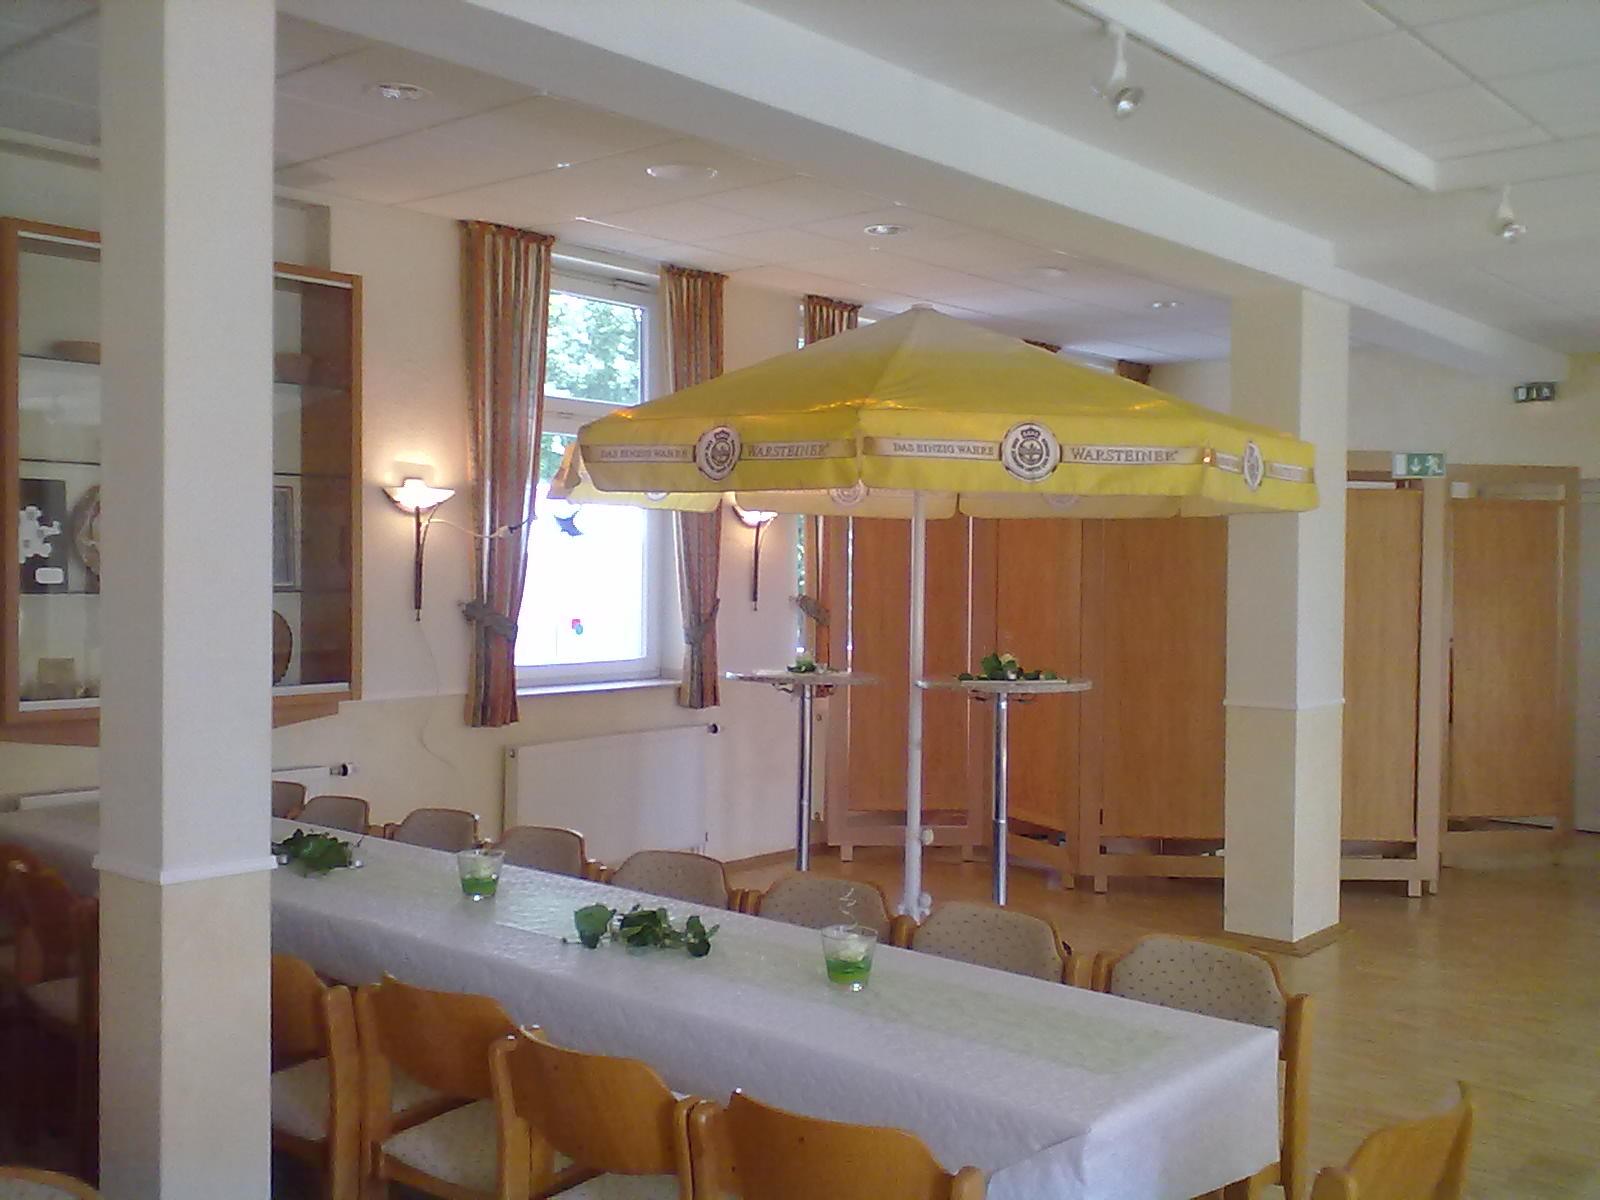 Nutzungsbeispiele der alten schule mettinghausen for Individuelle raumgestaltung